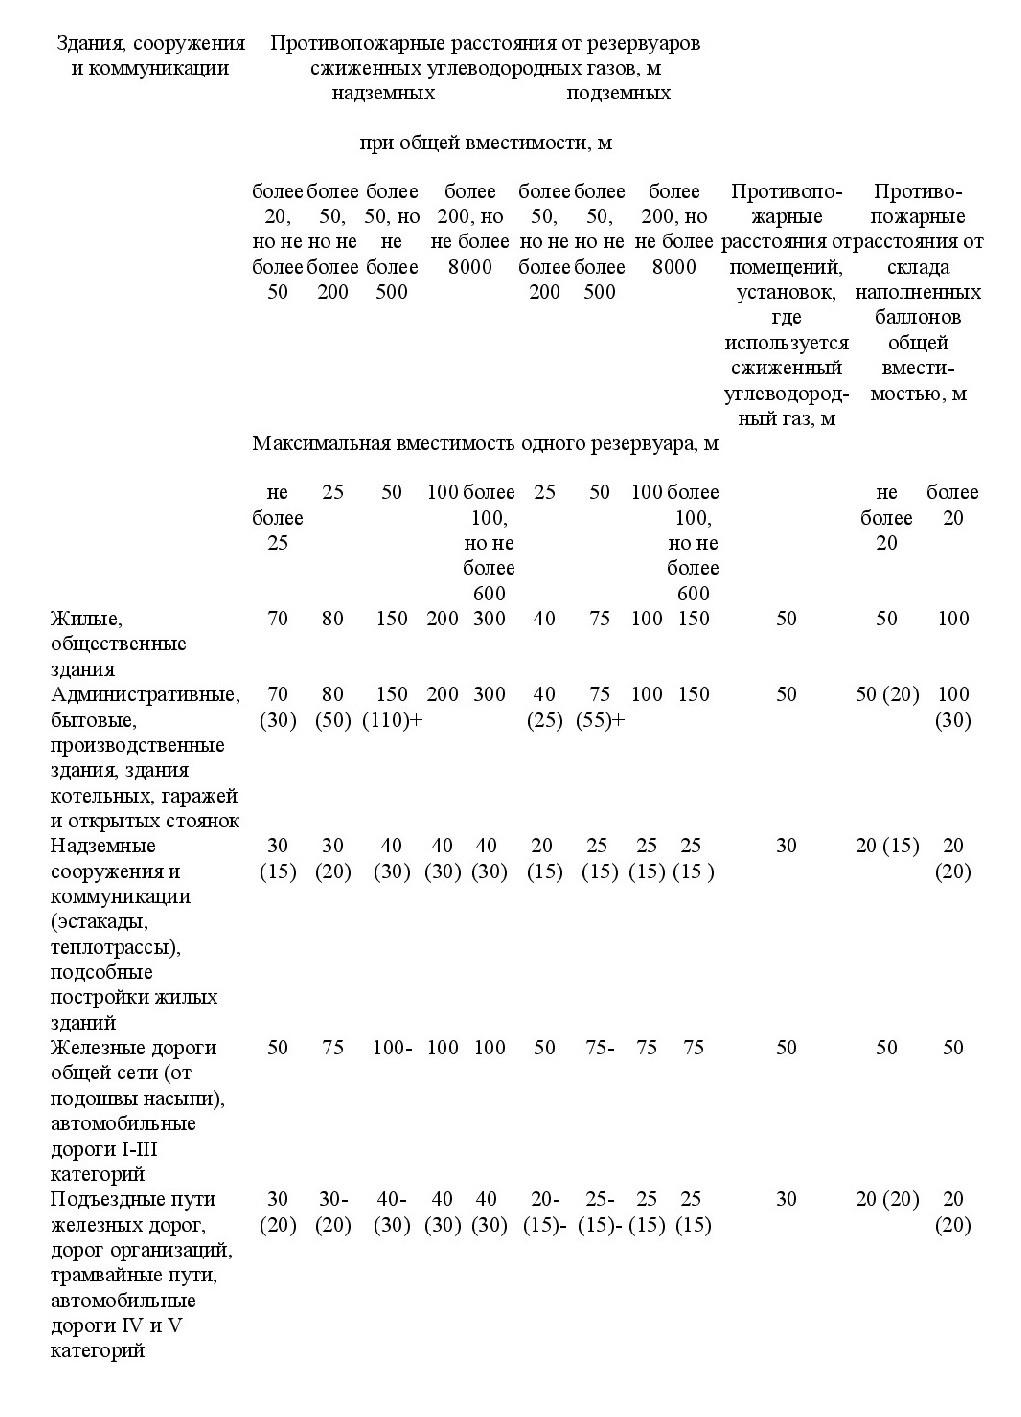 положения СП 4.13130-2020 4